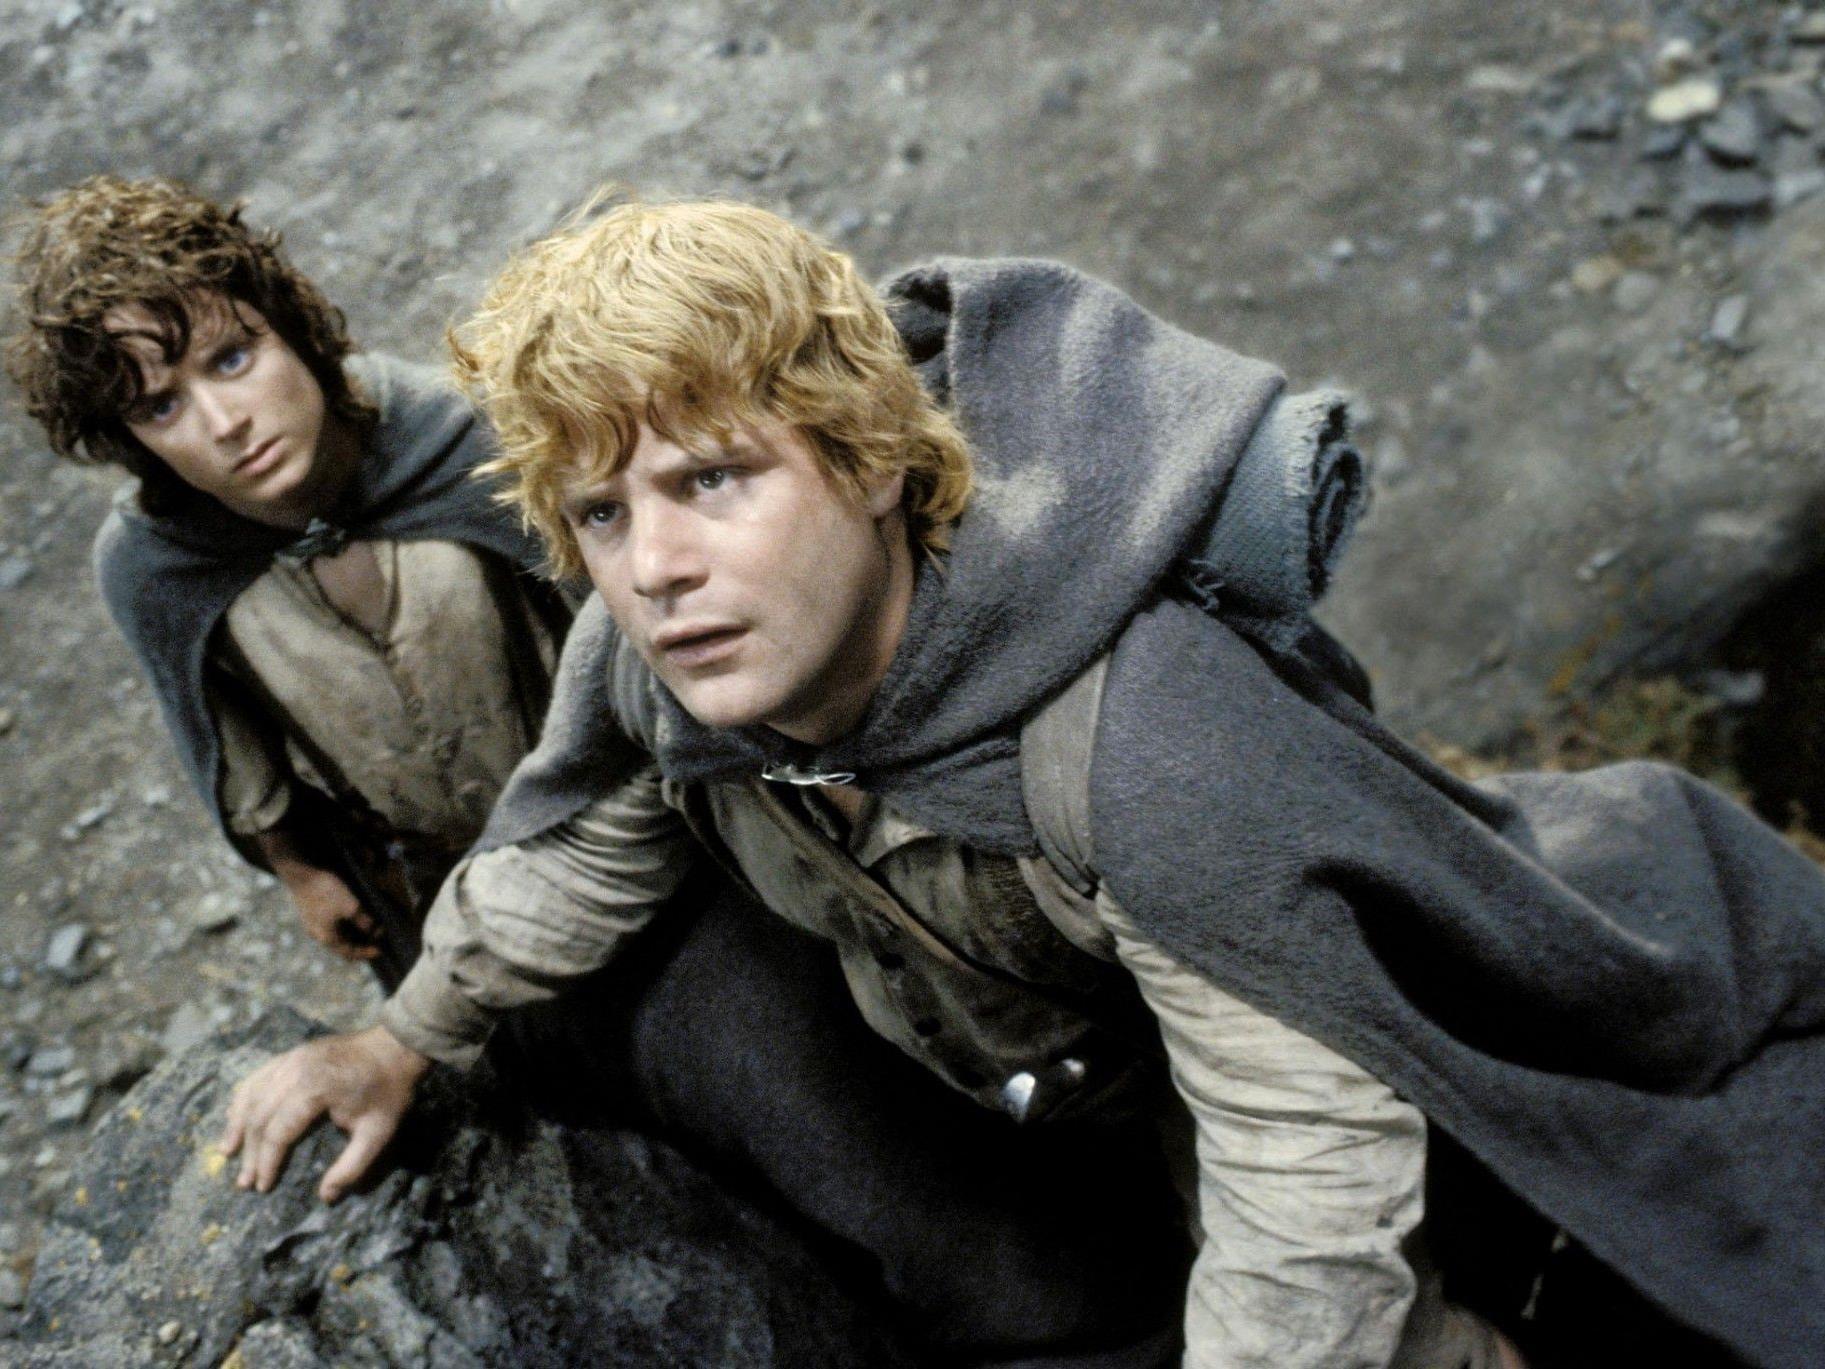 Einmal ein Hobbit sein - das wünschen sich scheinbar gar nicht so wenige.